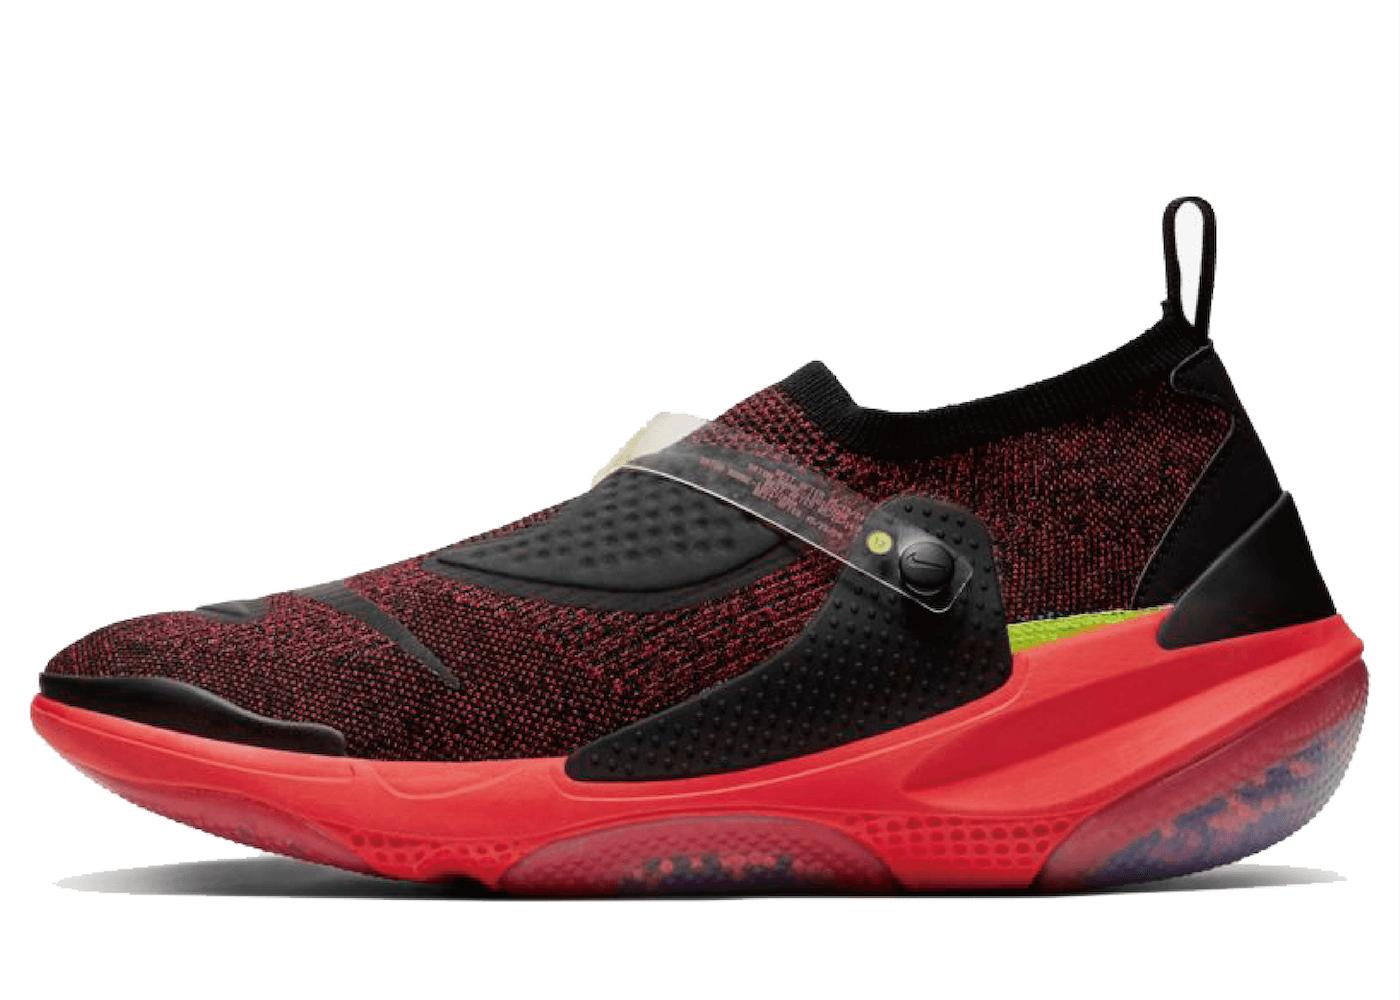 Nike Joyride Flyknit OBJ Bright Crimson Blue Heroの写真